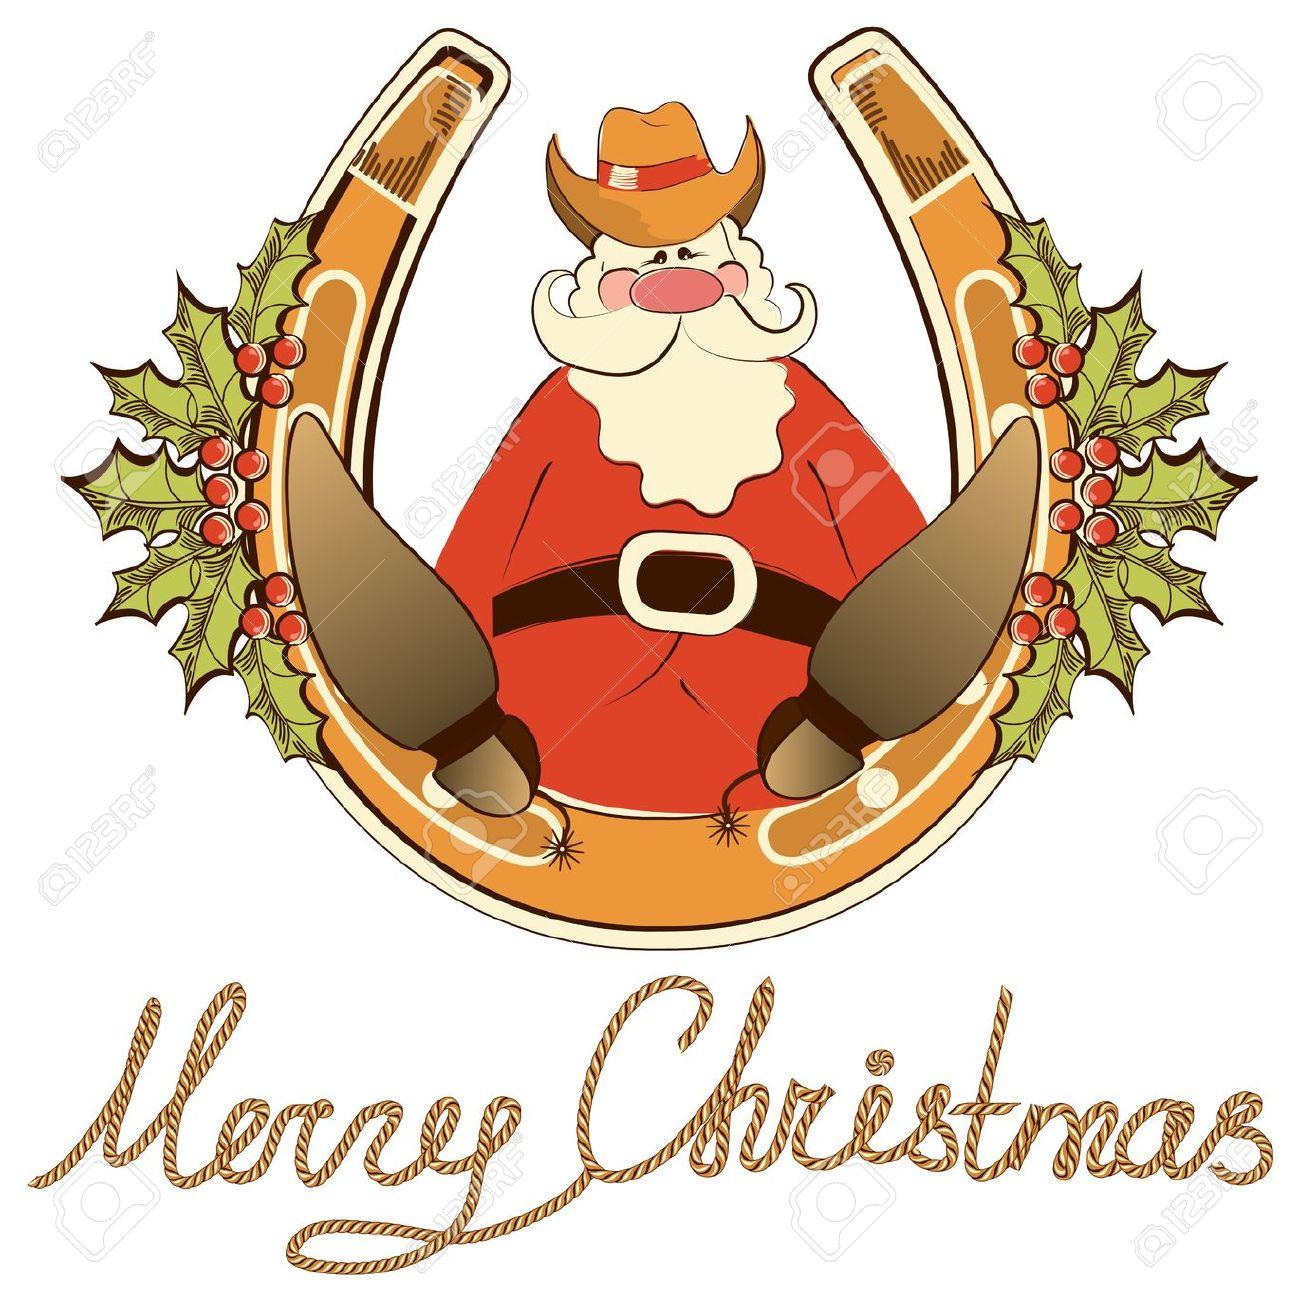 Free texas christmas clipart svg free Texas Christmas Clipart svg free